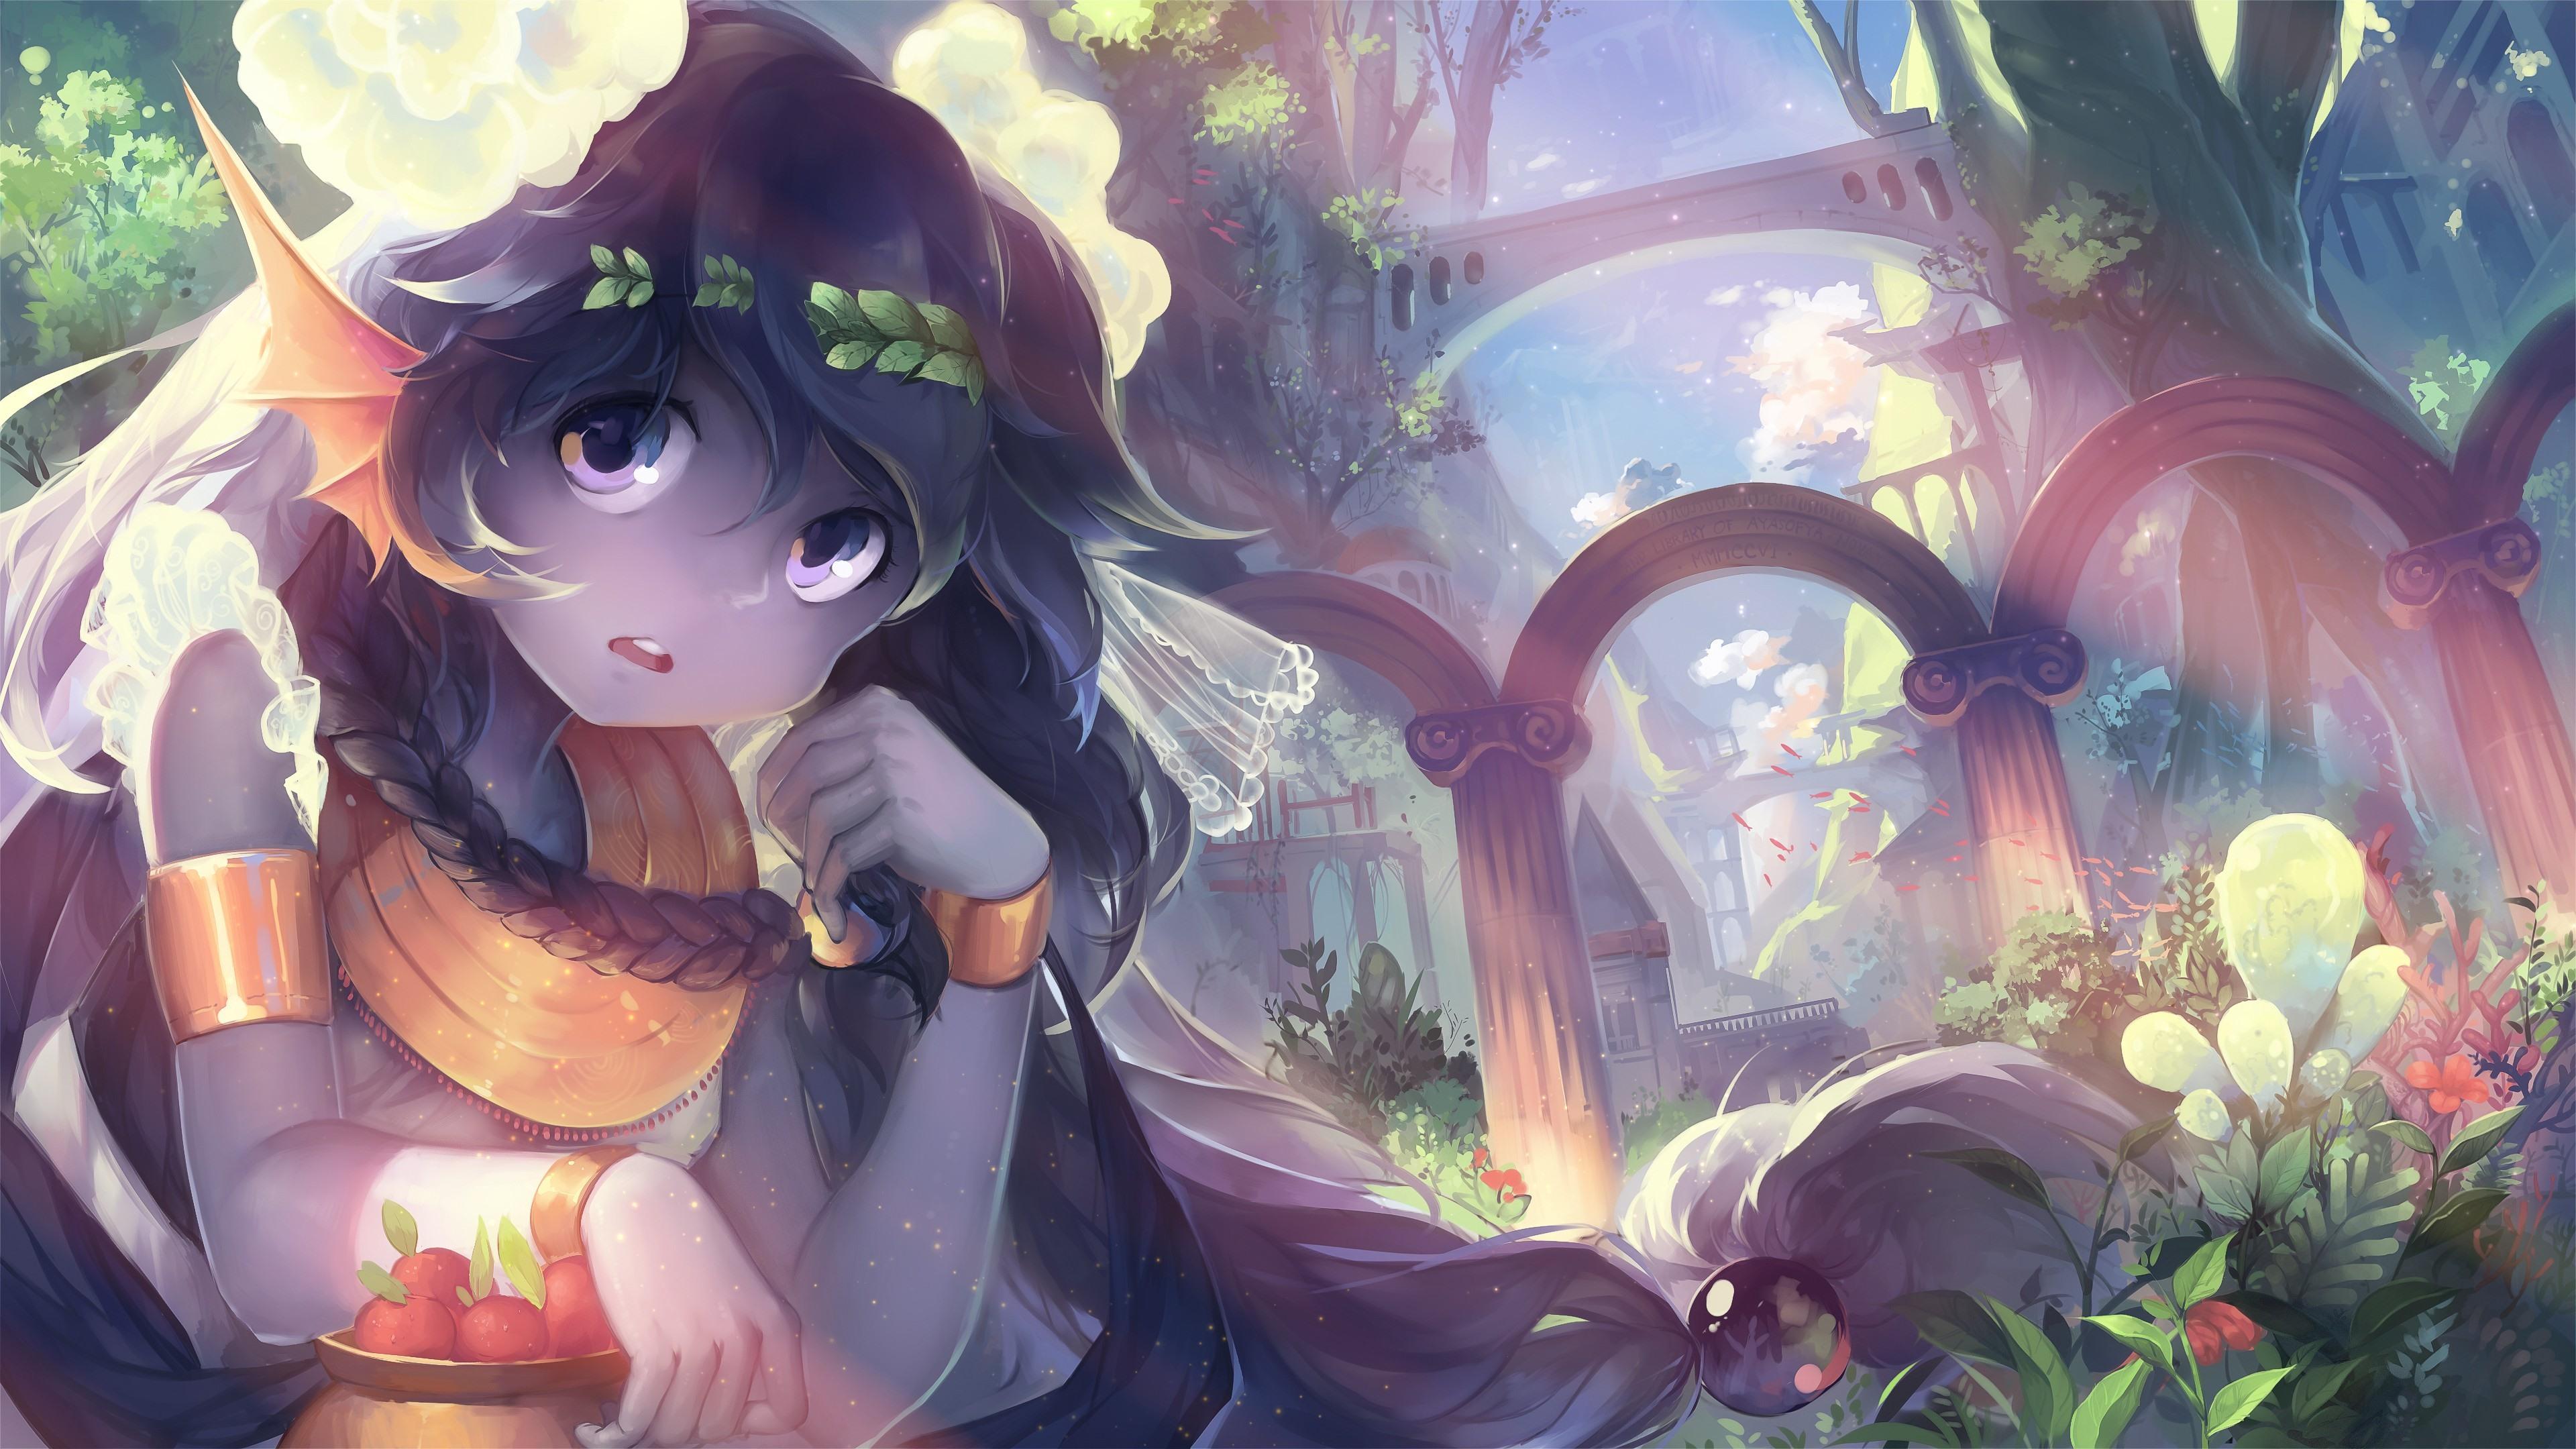 壁紙 アニメの女の子 ファンタジーの世界 3840x2160 Uhd 4k 無料のデスクトップの背景 画像